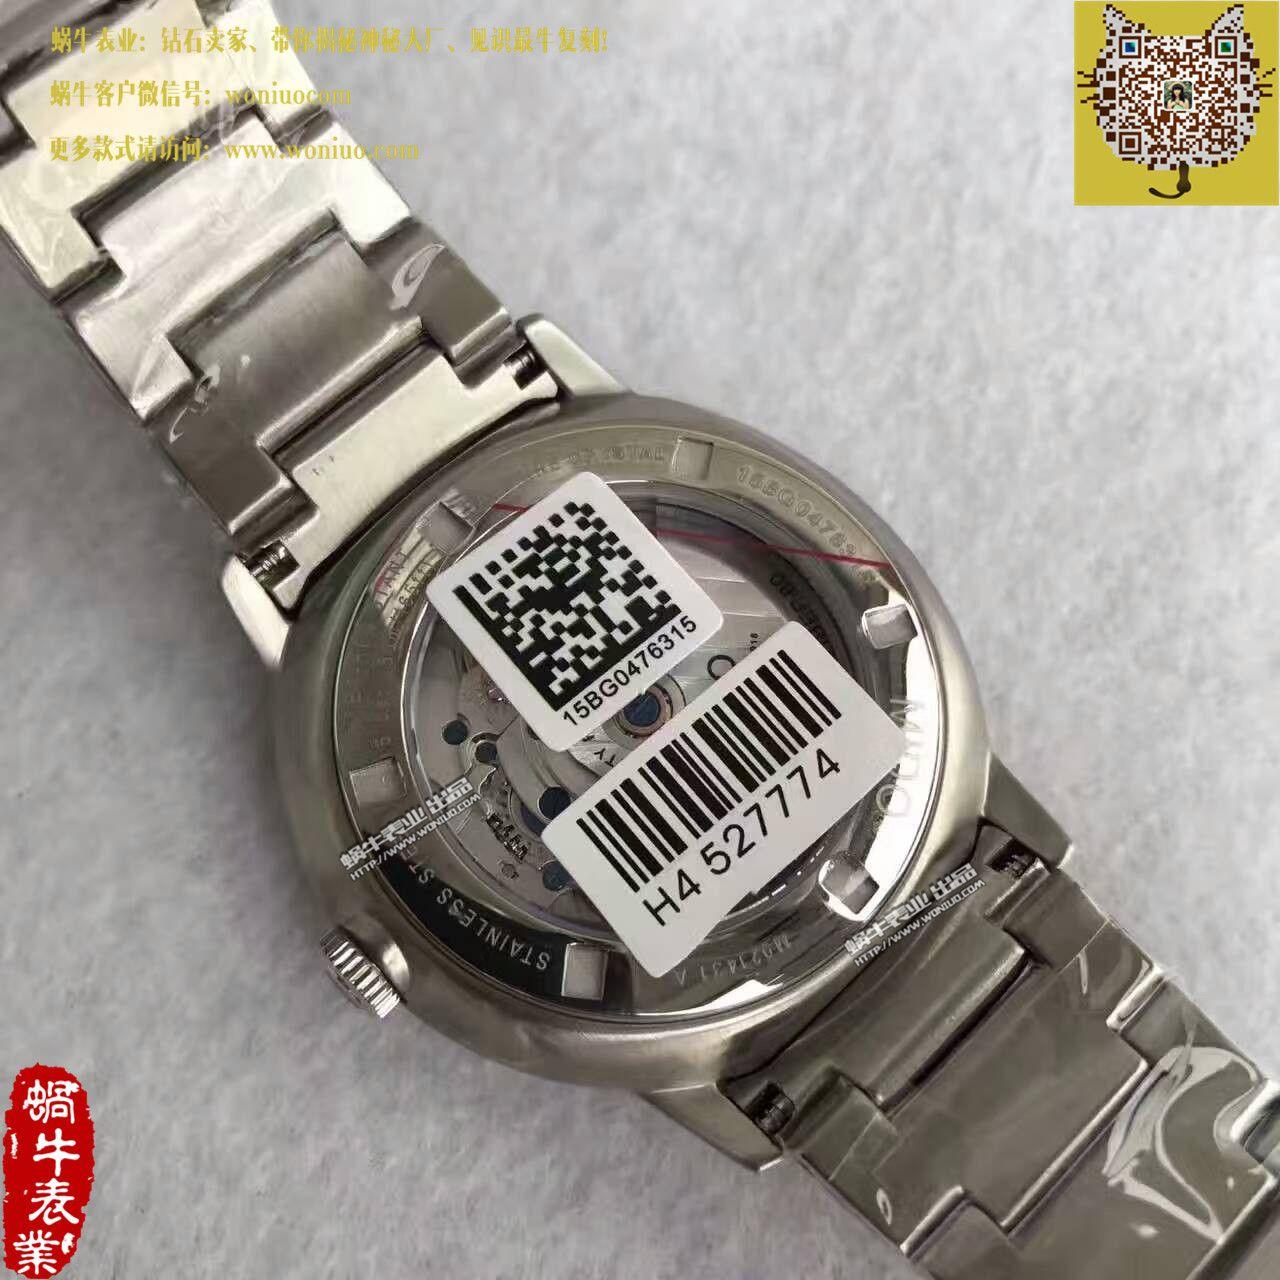 【台湾厂1:1超A高仿手表】美度指挥官系列M021.431.11.031.00腕表 / M10